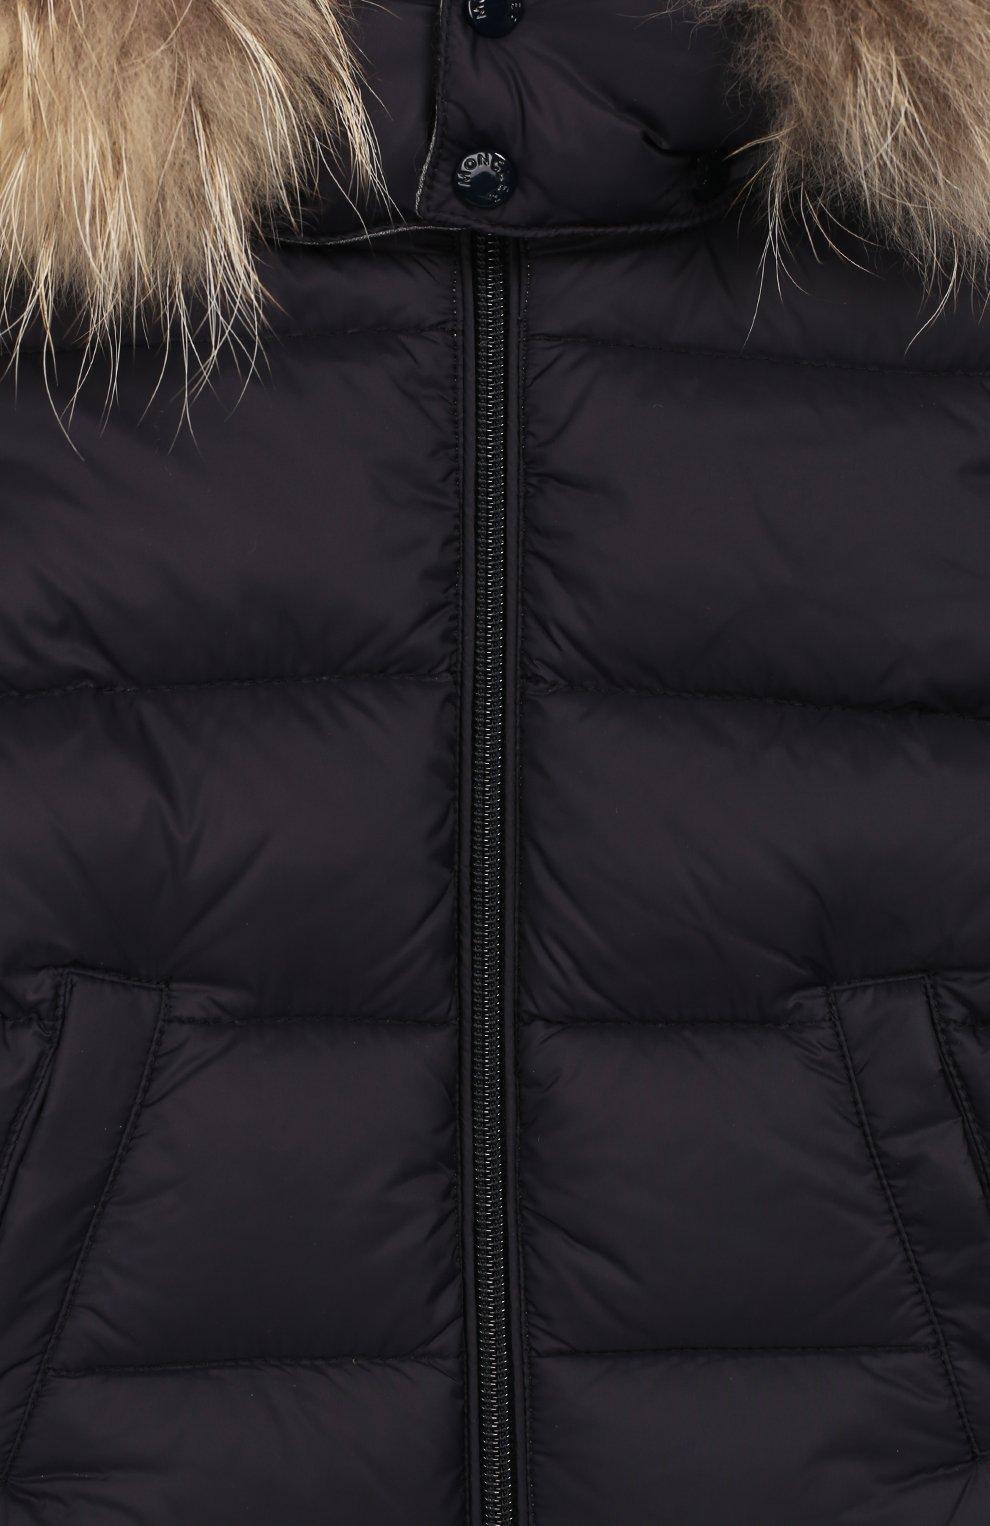 Детский комплект из куртки и комбинезона MONCLER ENFANT синего цвета, арт. E2-951-70335-25-53079   Фото 7